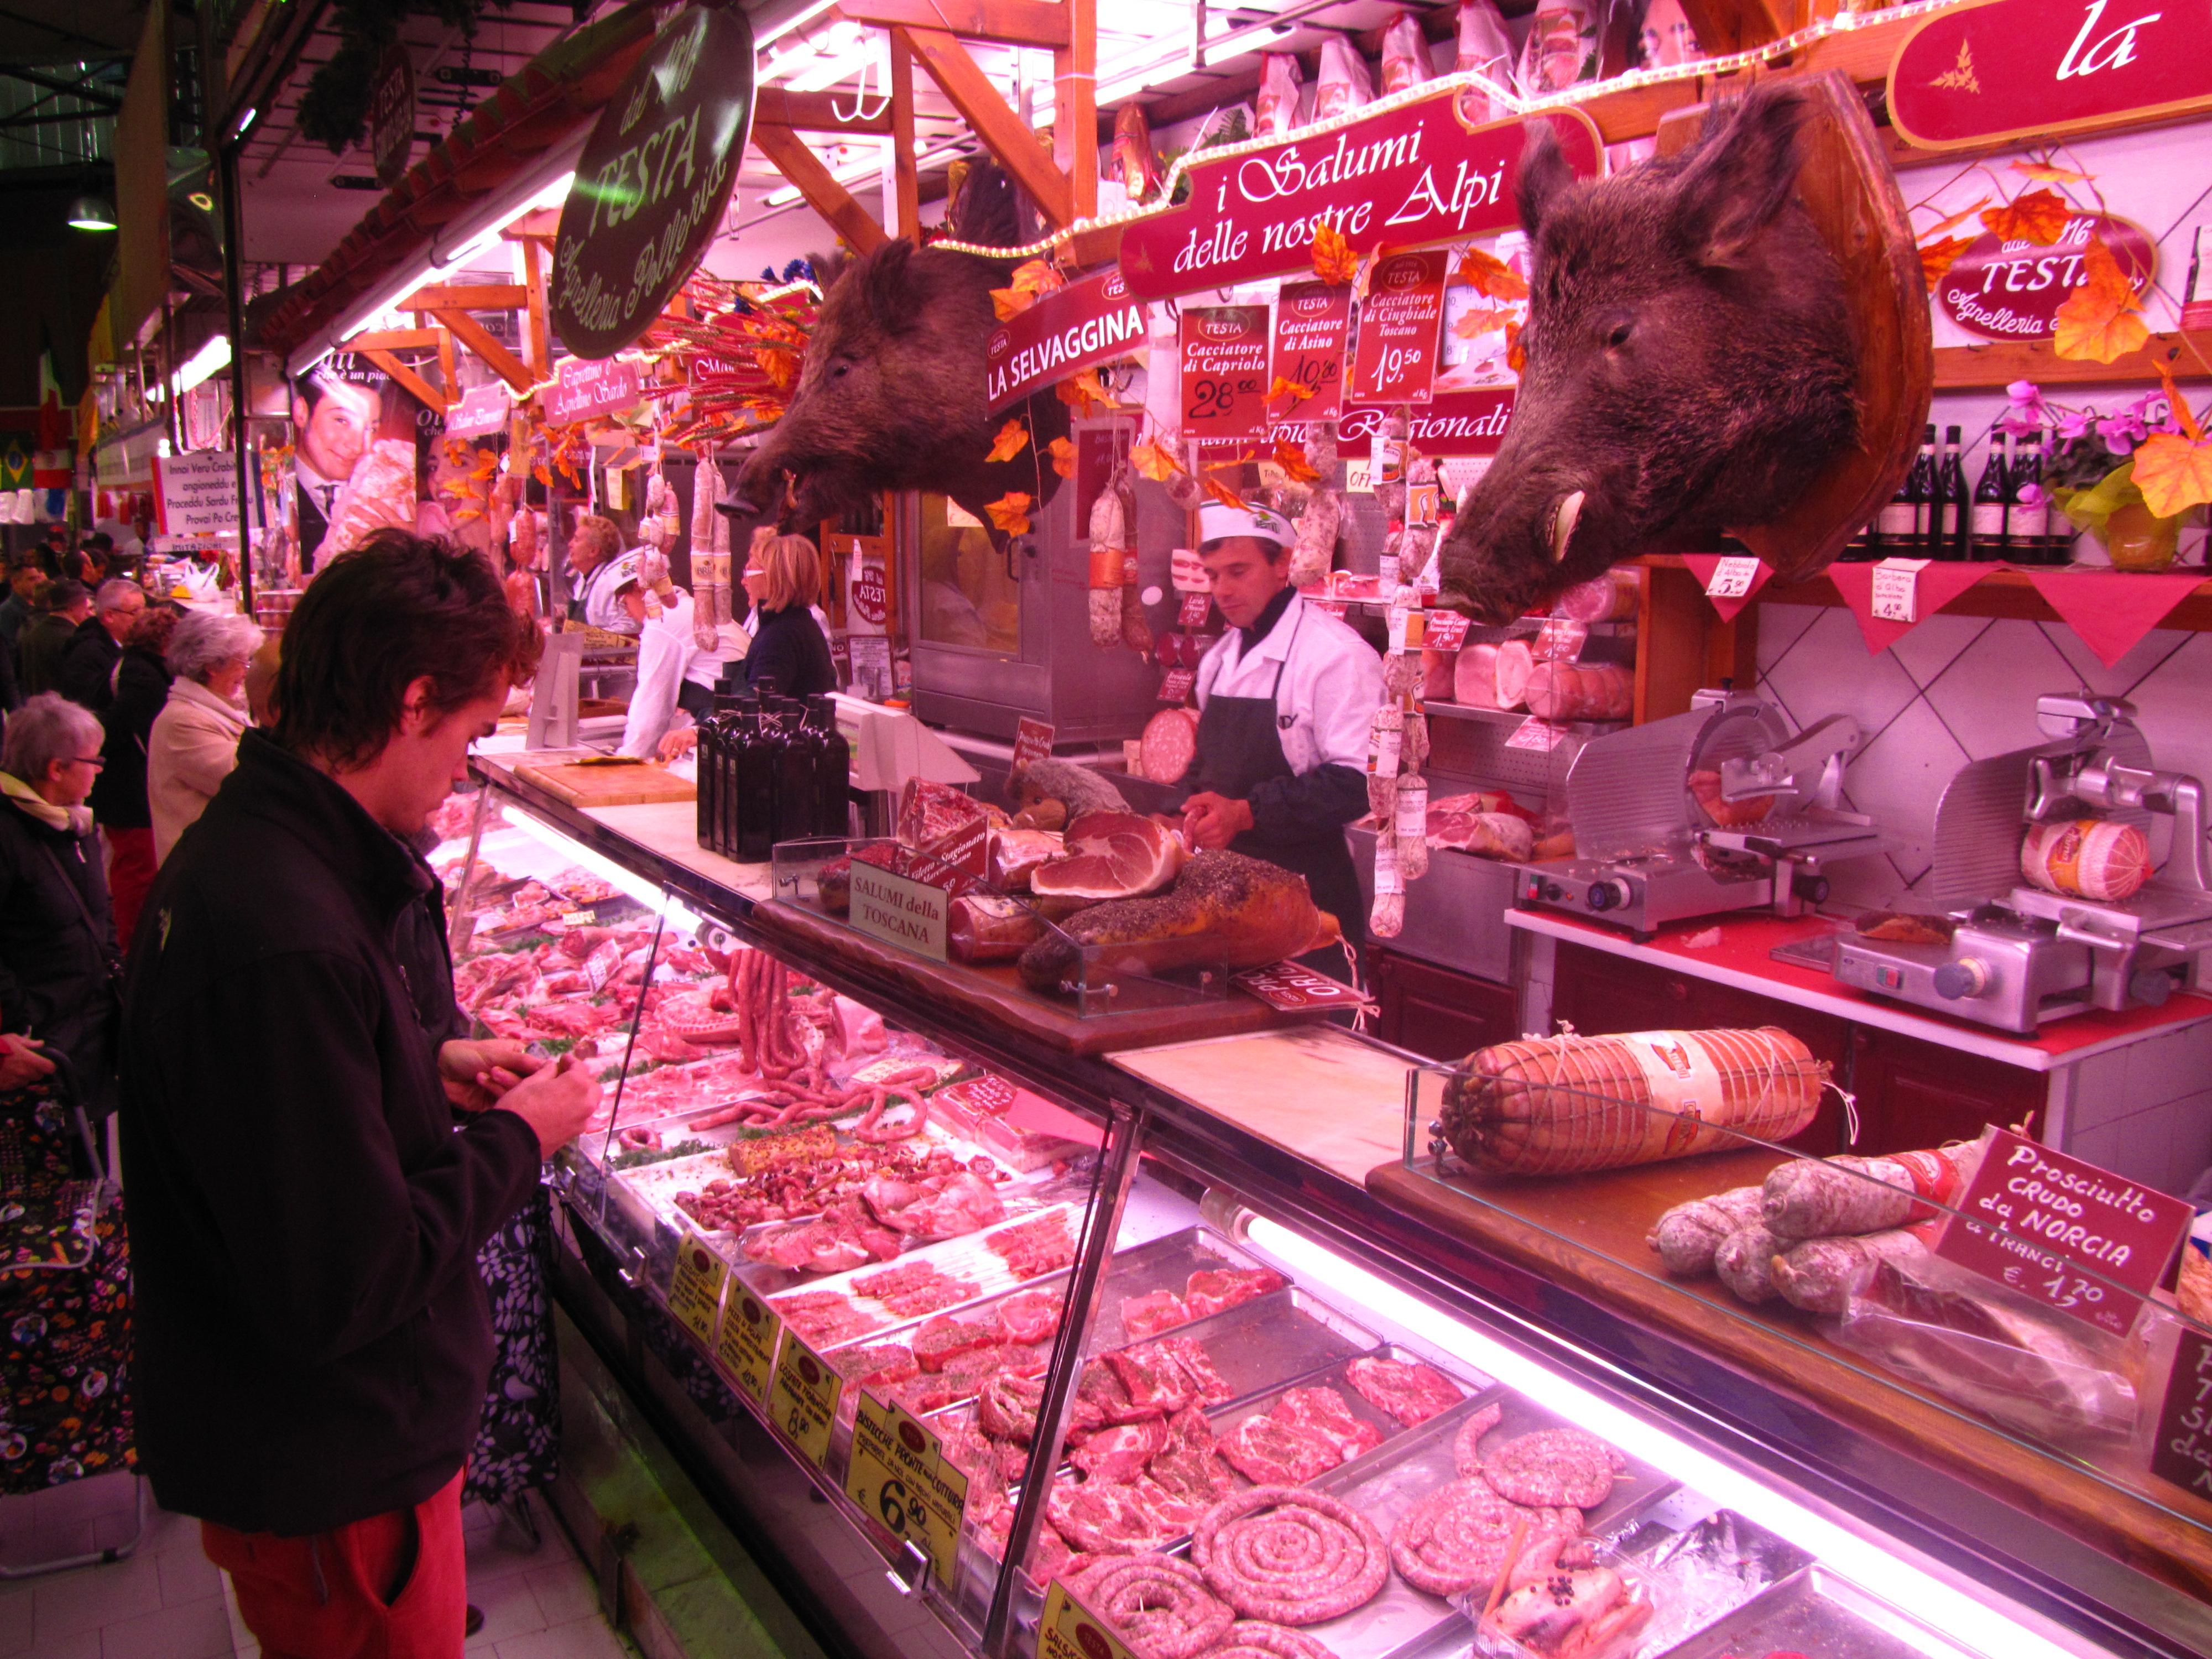 Carniceria en Torino